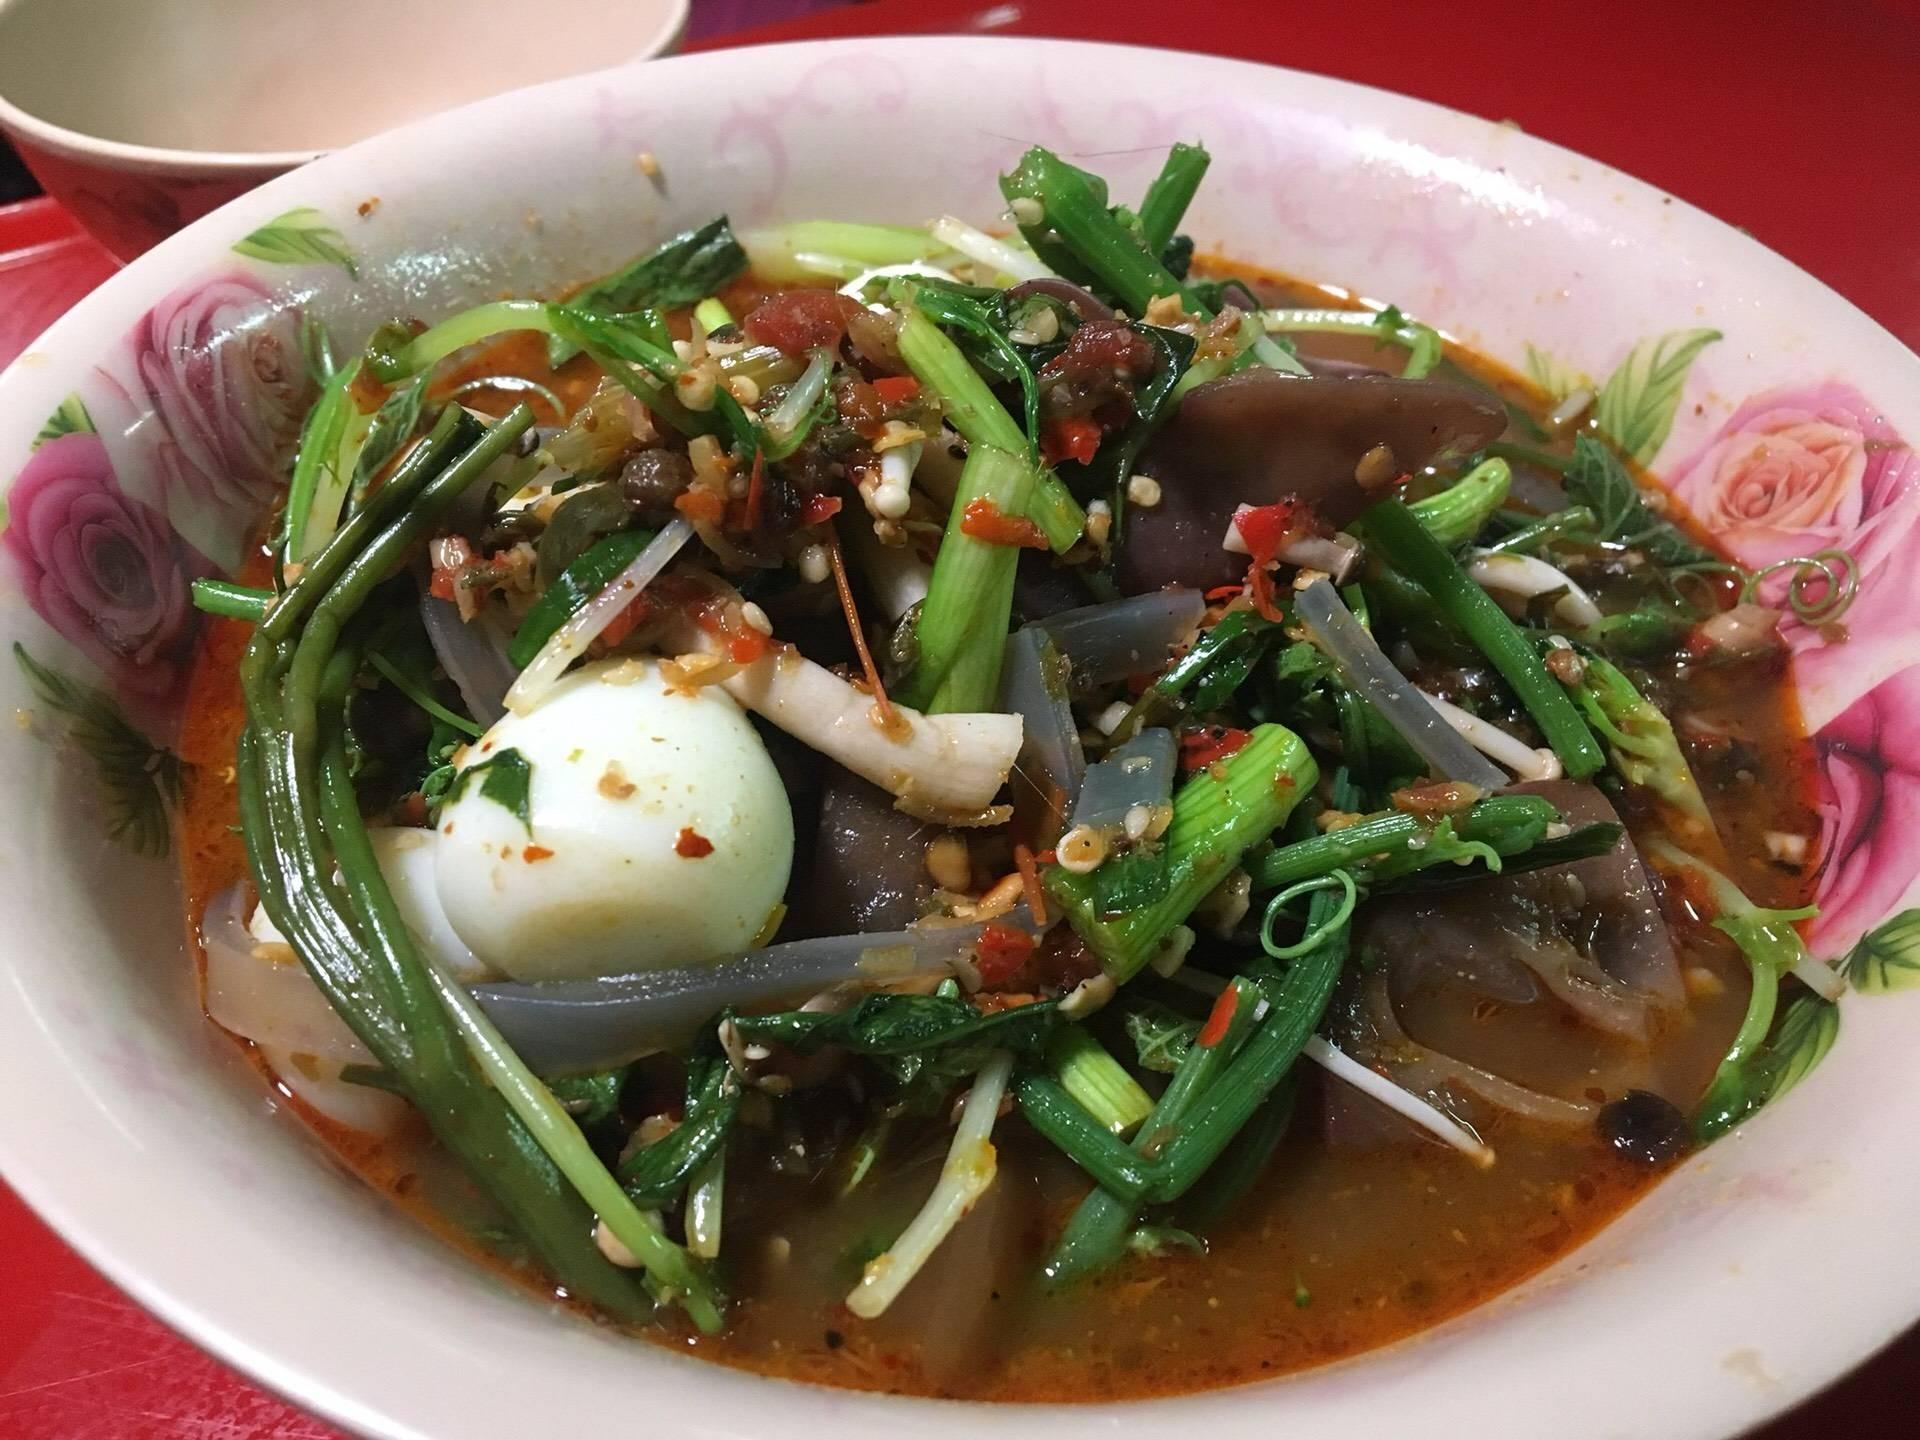 อาหารจีนยูนนาน หม่าร่า ฟู่หยง